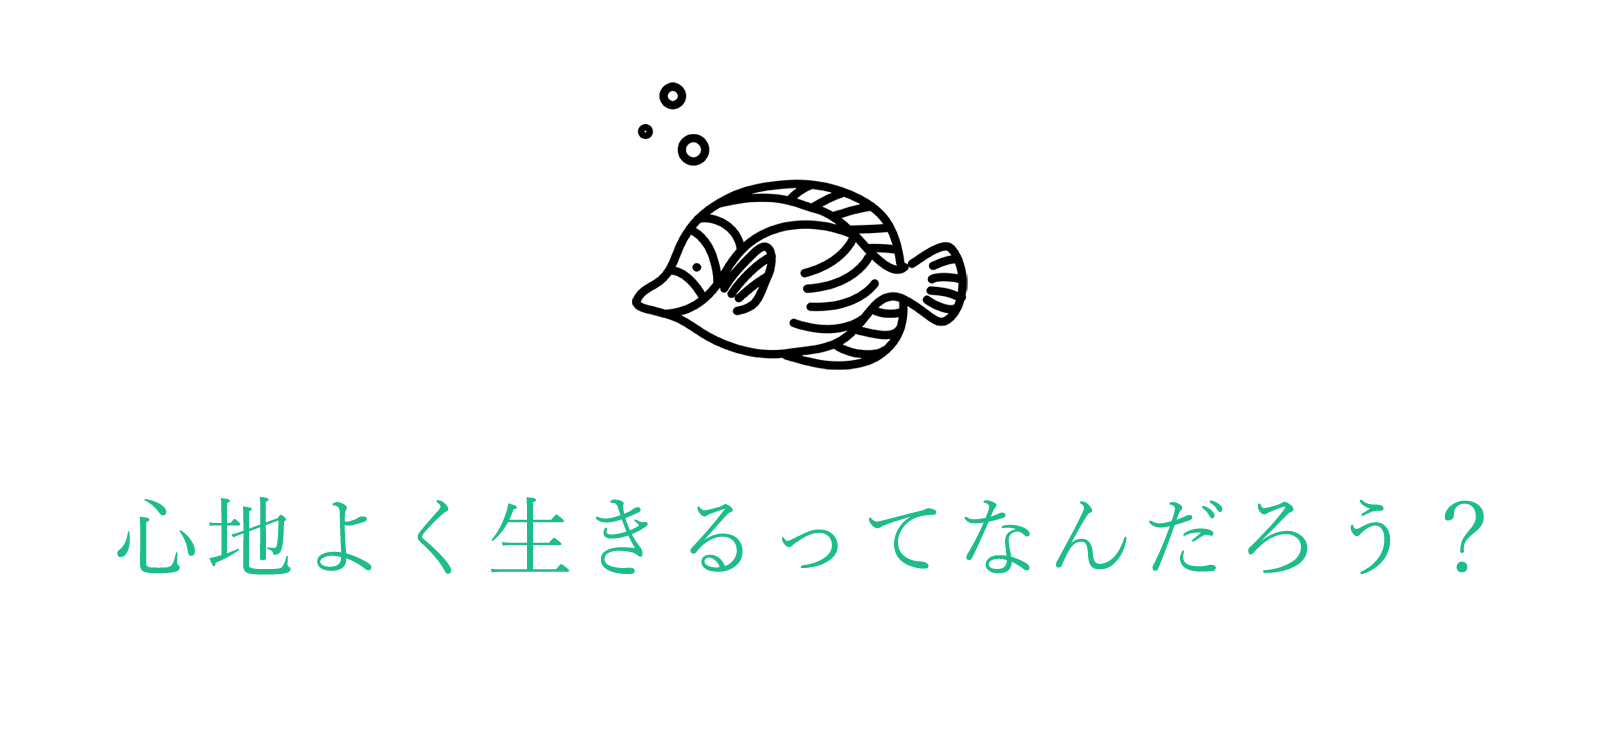 prof-midas-sumaho2-2-8